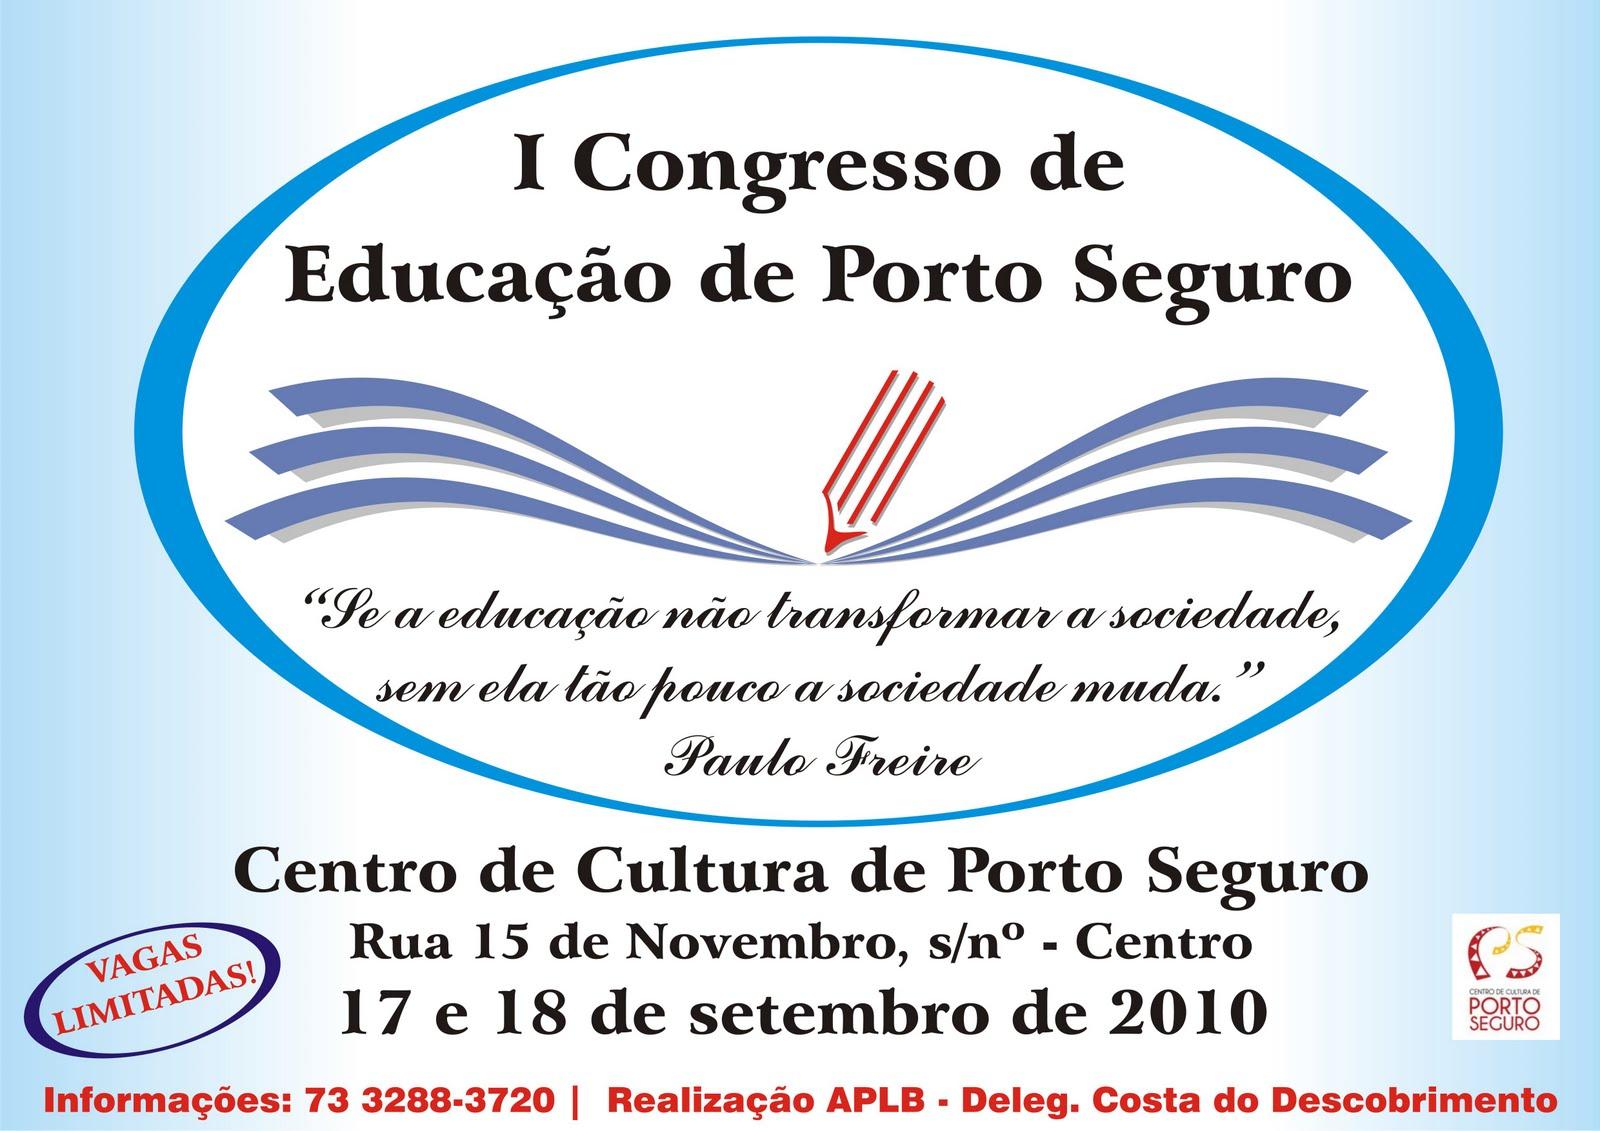 Fotos do congresso em porto seguro 2010 86